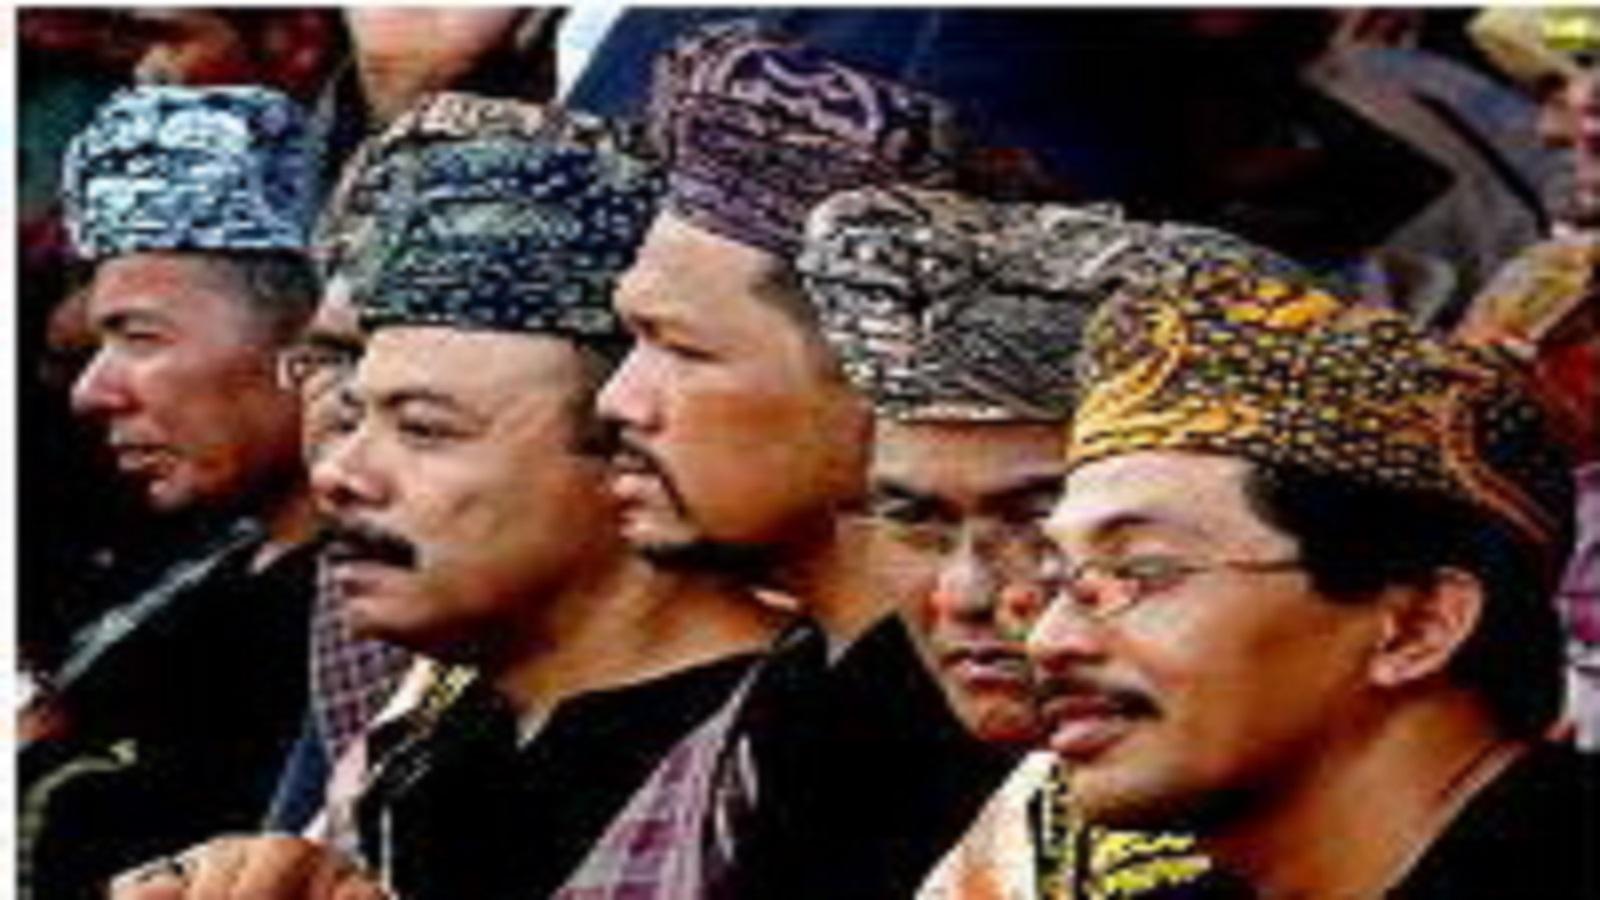 Penghulu (Datuk) Sebagai Pemimpin Kaum di Masyarakat Minangkabau